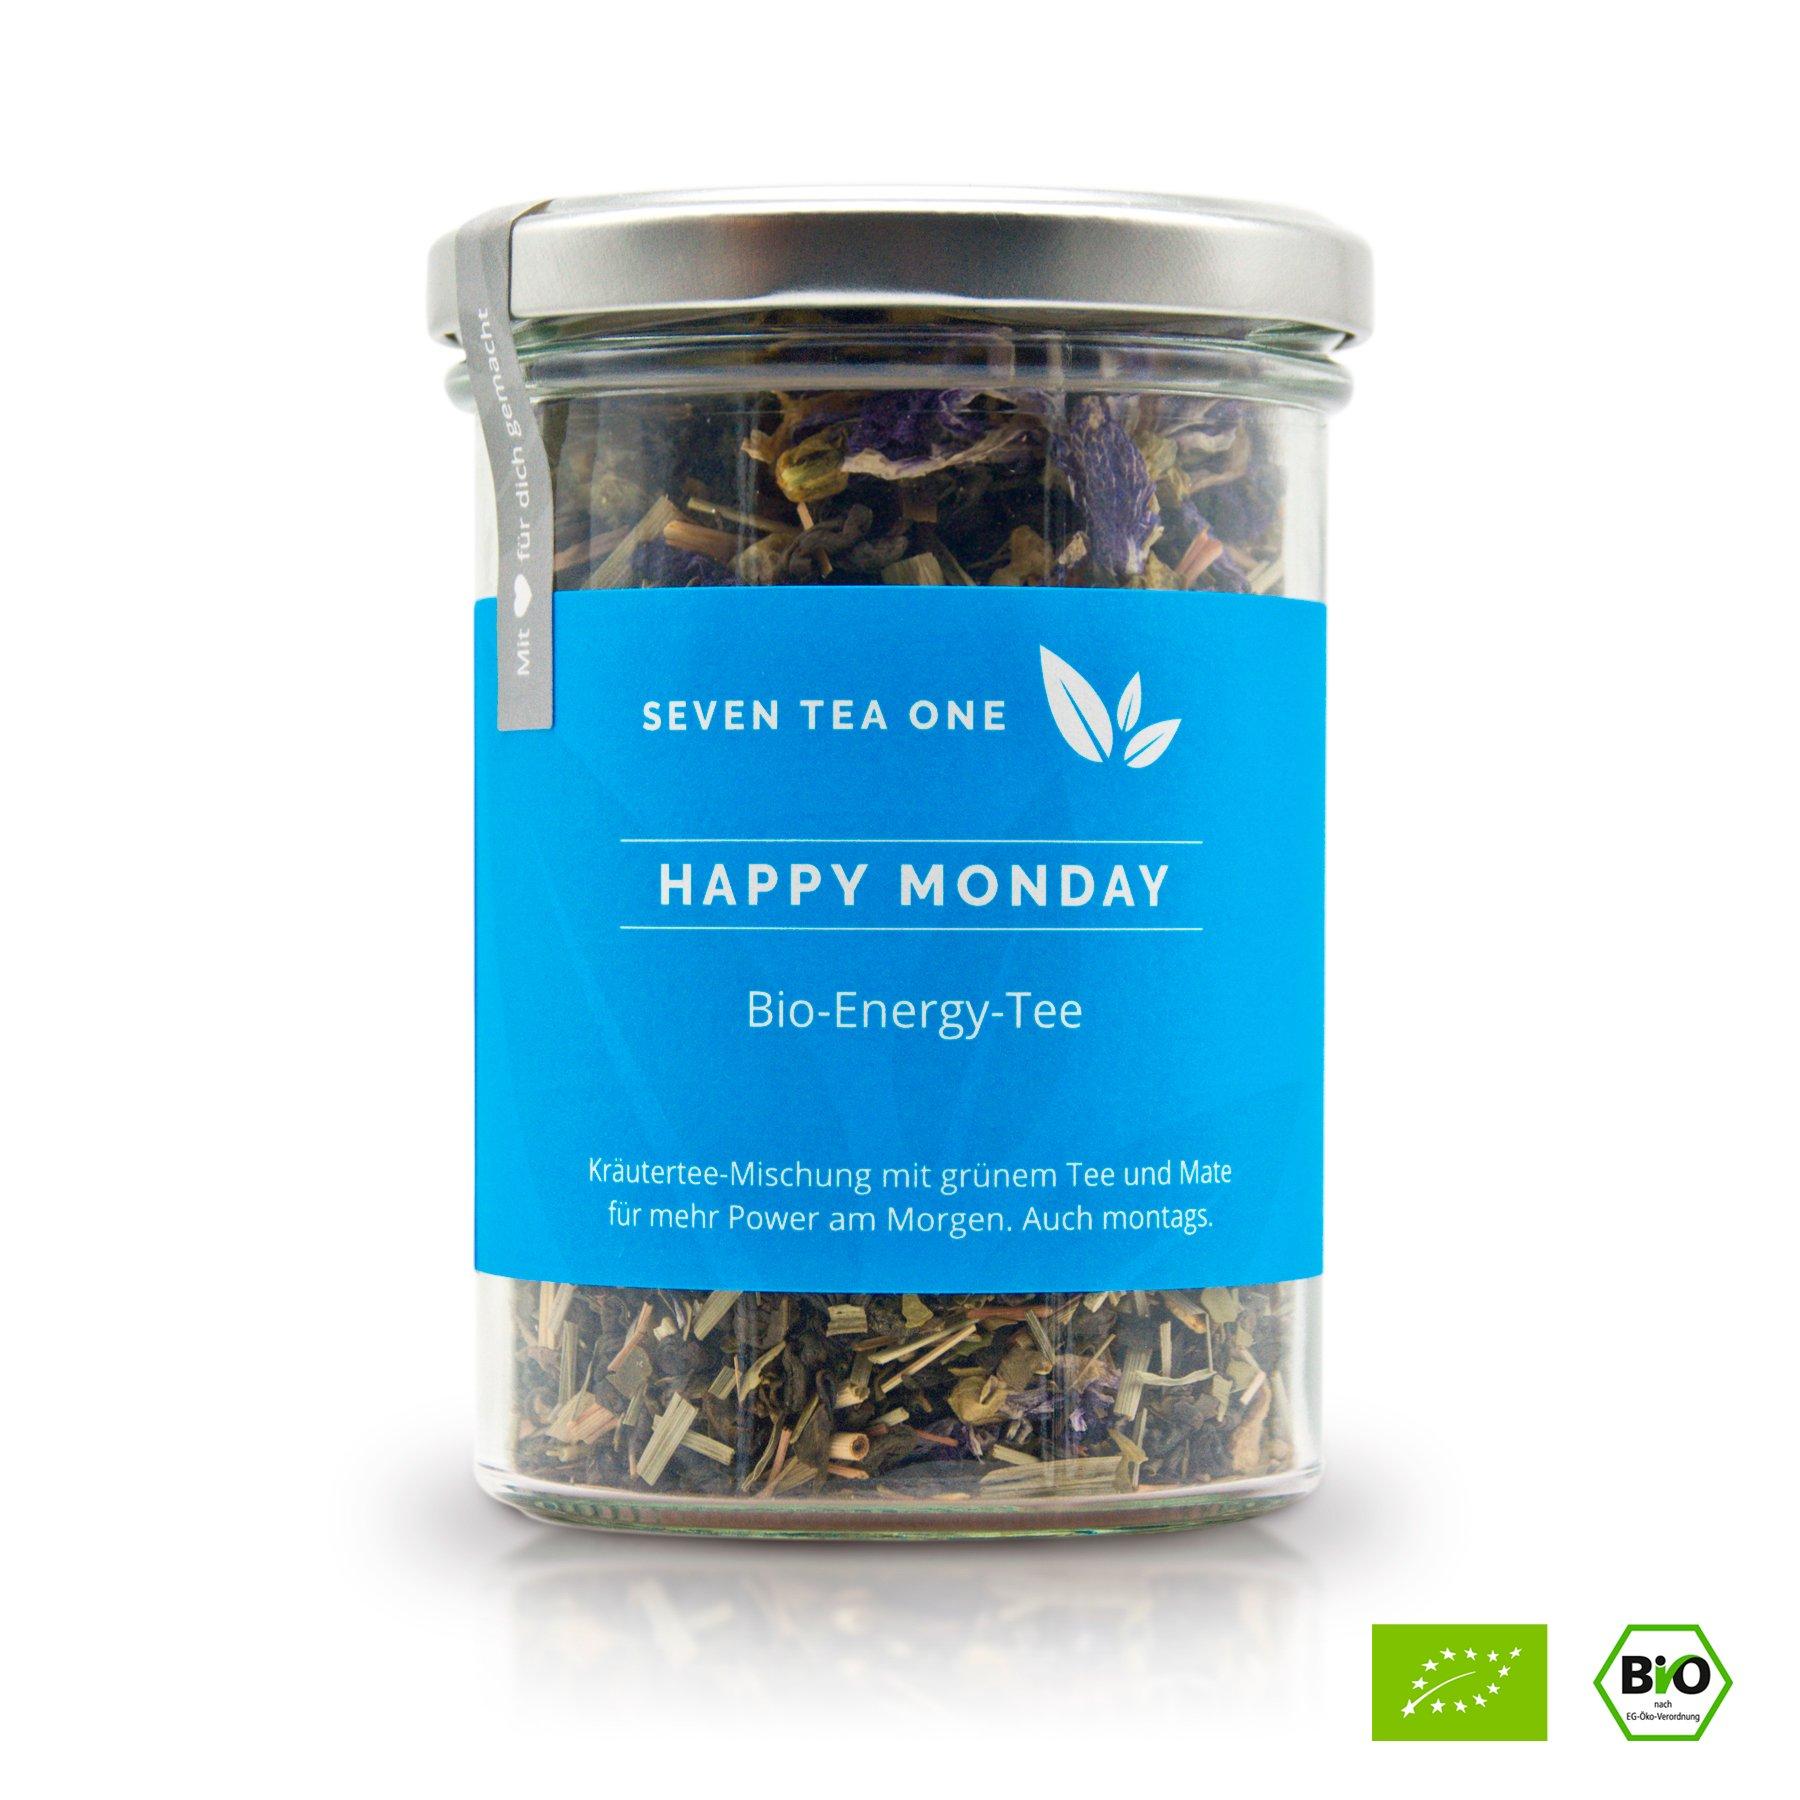 Happy-Monday-Bio-Energy-Tee-mit-viel-Koffein-Energie-die-gesunde-Alternative-zu-Kaffee-100-biologisch-mit-Mate-Guarana-100g-Made-in-Germany